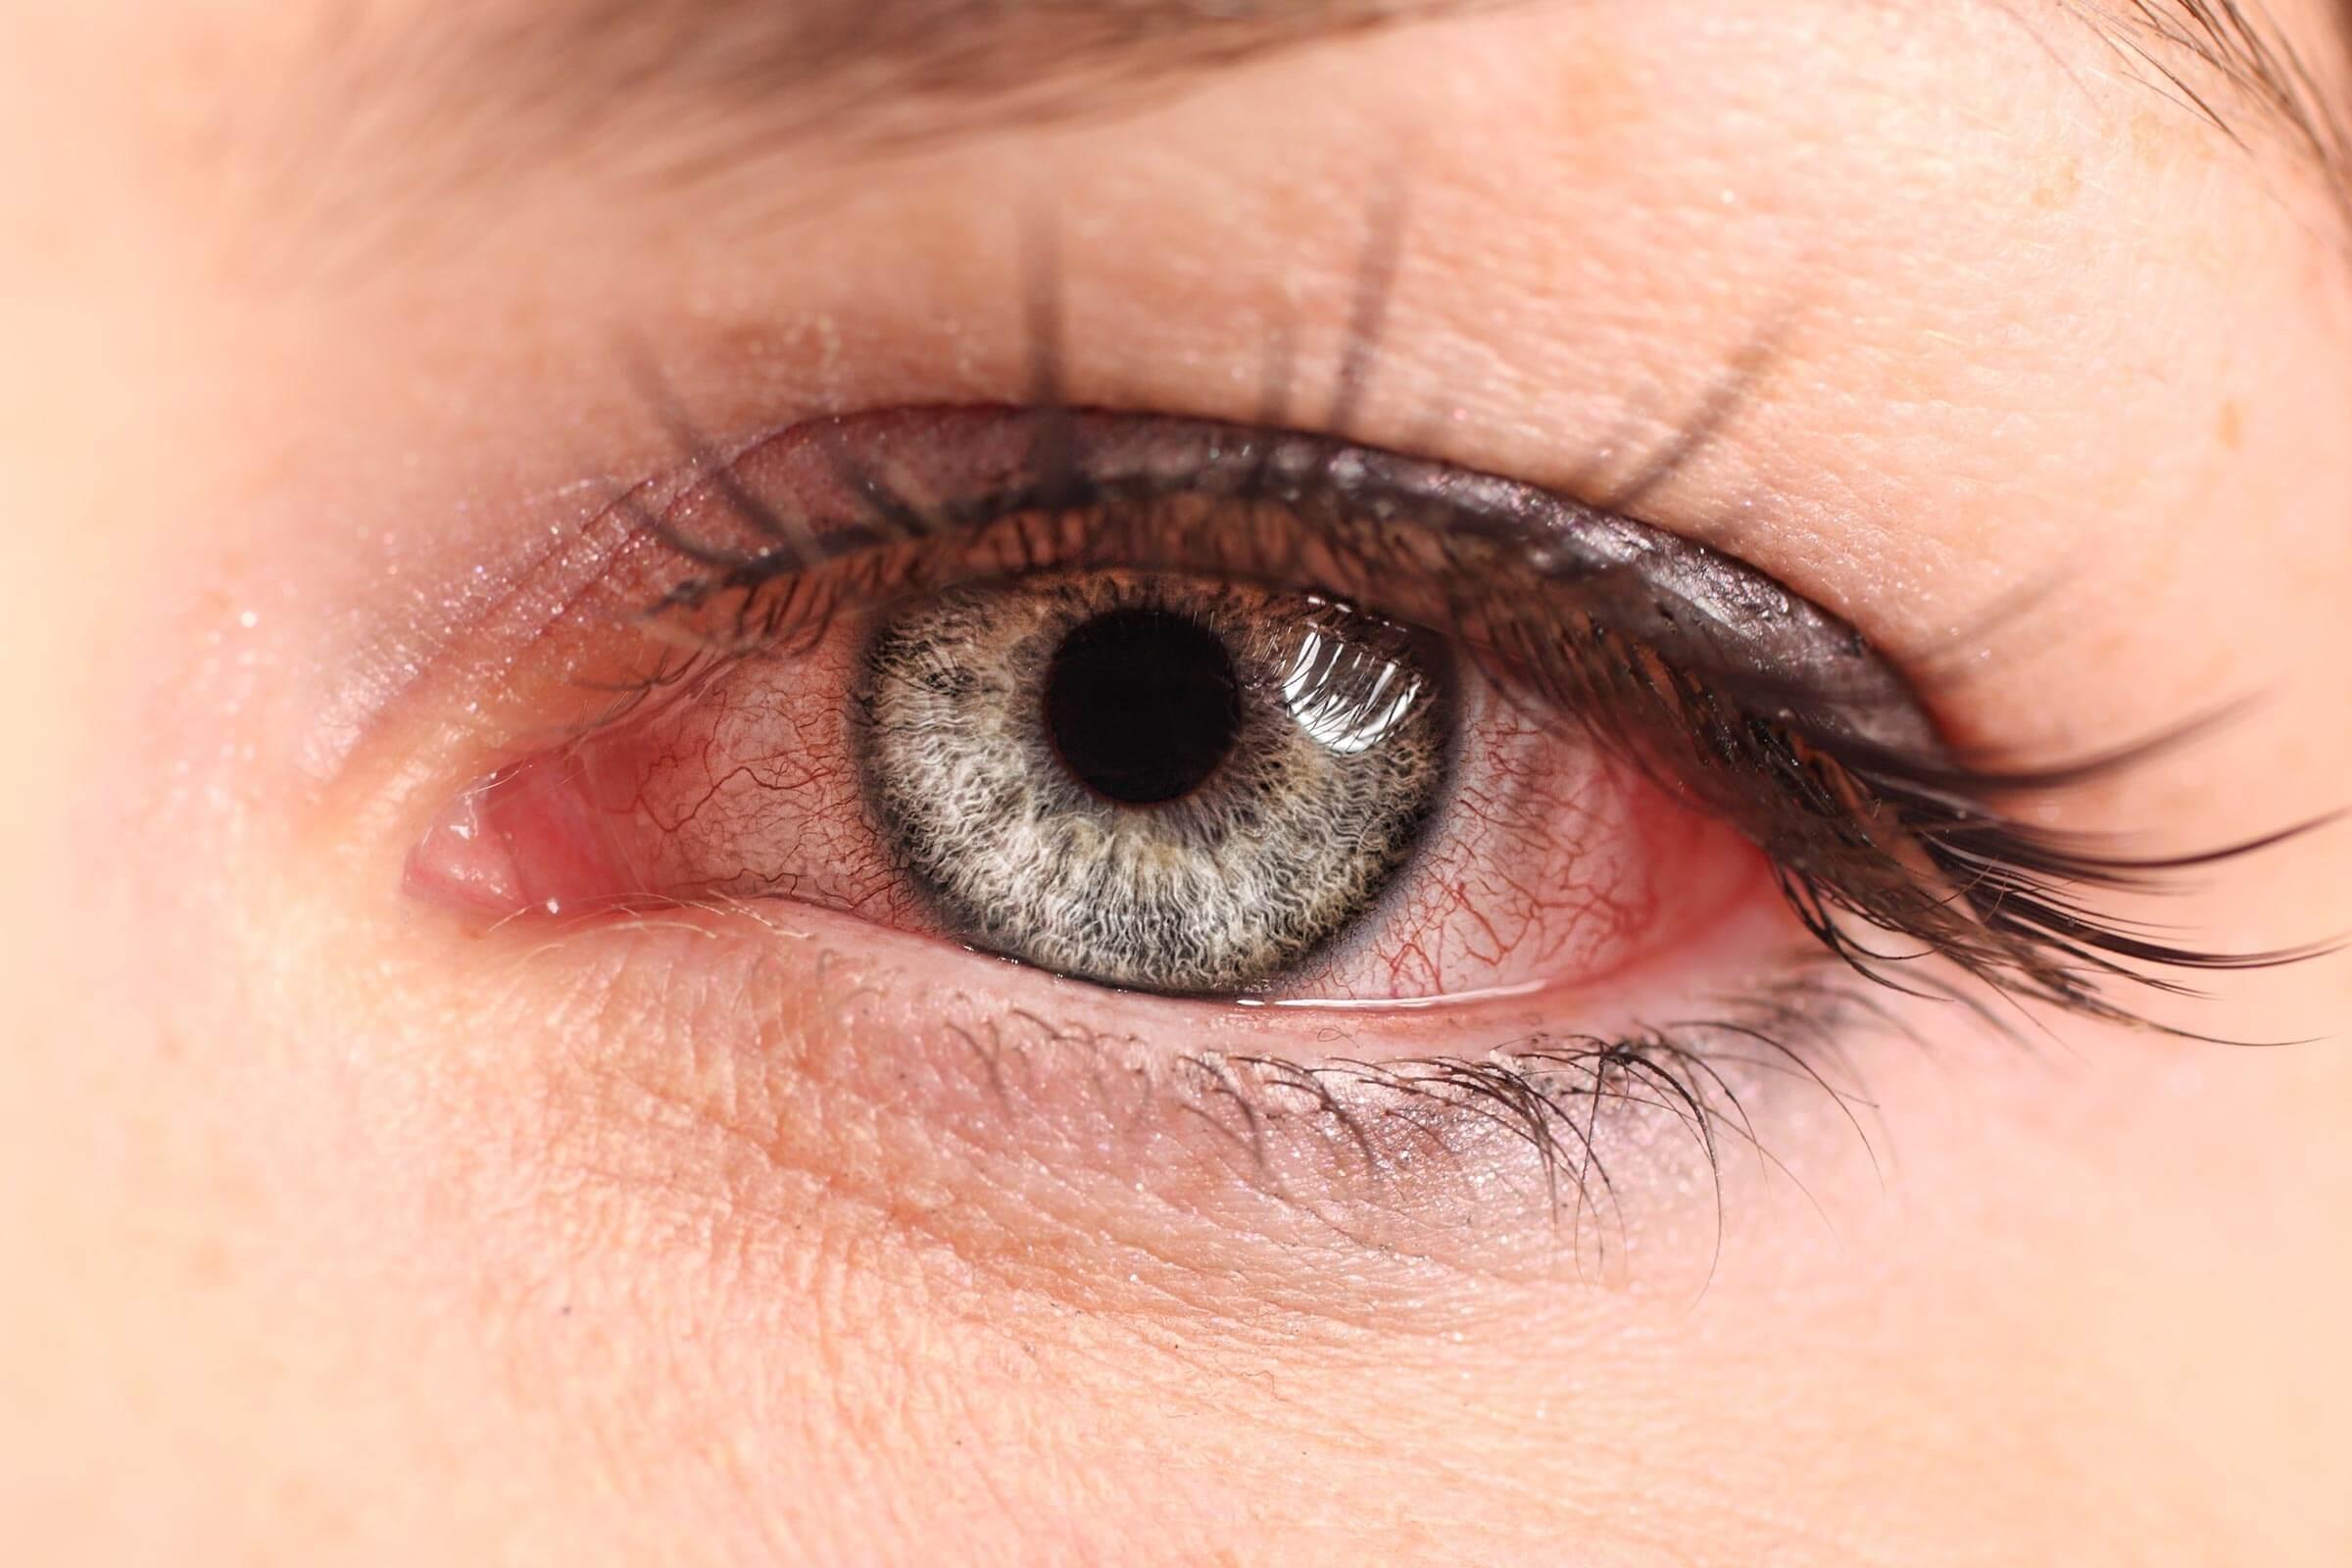 Cách làm giảm sưng mắt an toàn, hiệu quả được chuyên gia chia sẻ